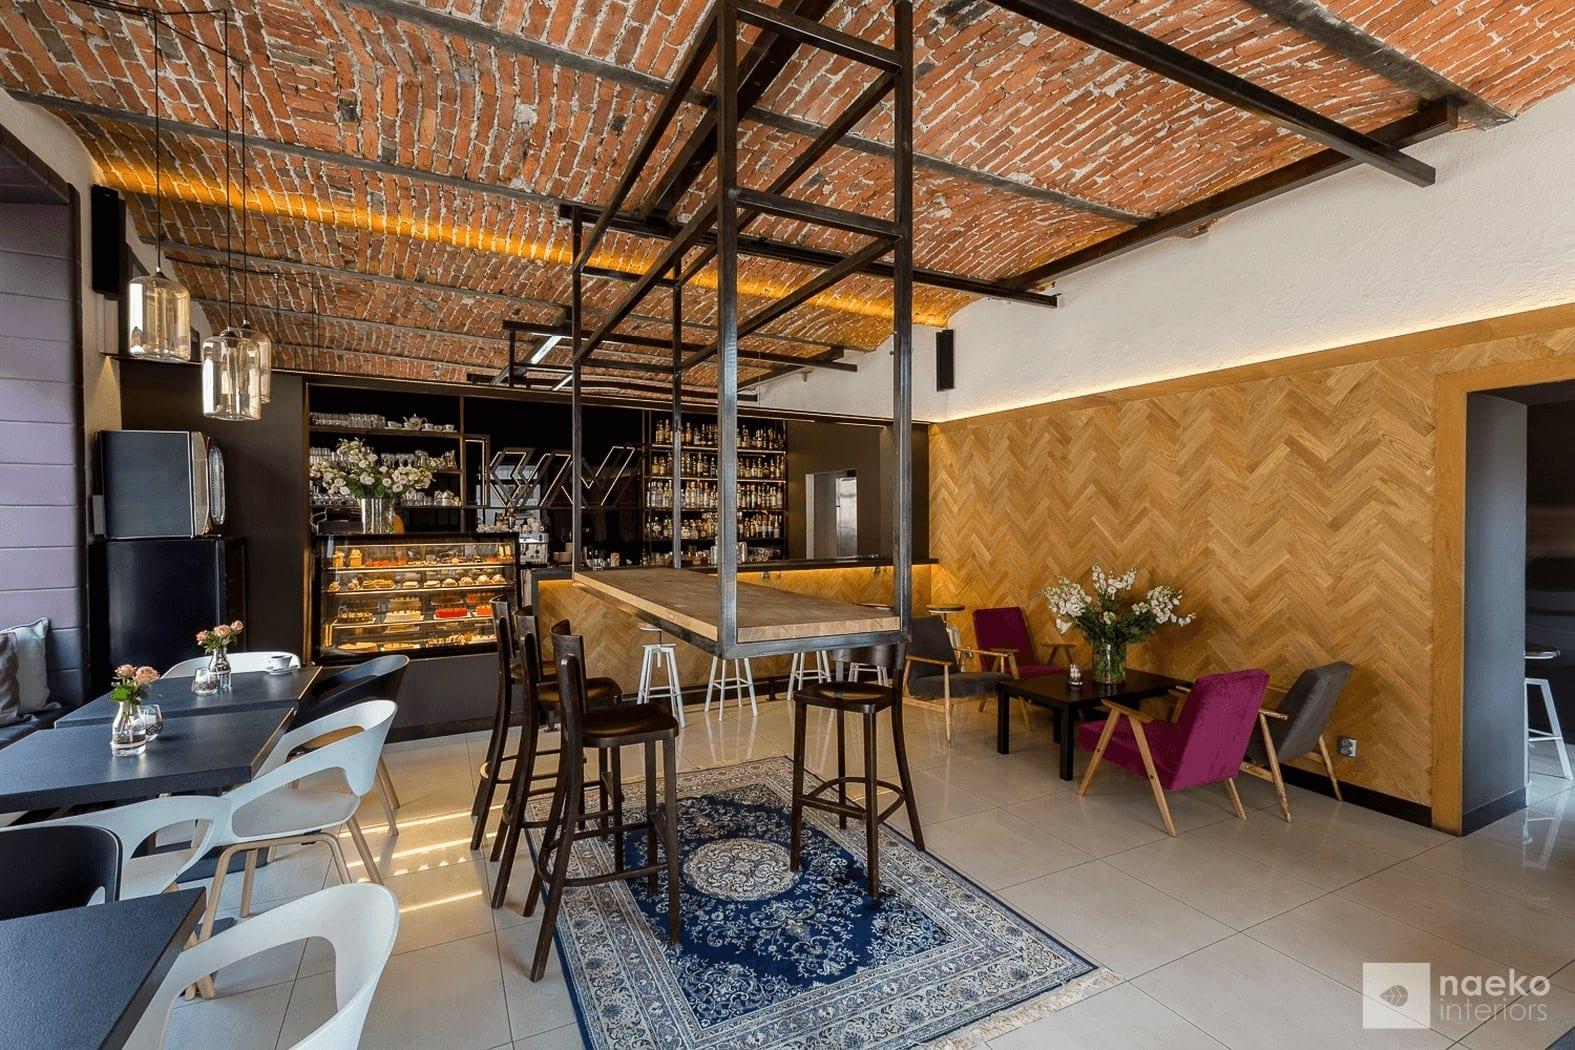 Projekt wnętrza ekokawiarni, z ceglanym stropem, drewnianą okładziną na ścianie, centralnie zamontowanym blatem na stalowej podkonstrukcji, wysokimi stołkami barowymi i dywanem vintage